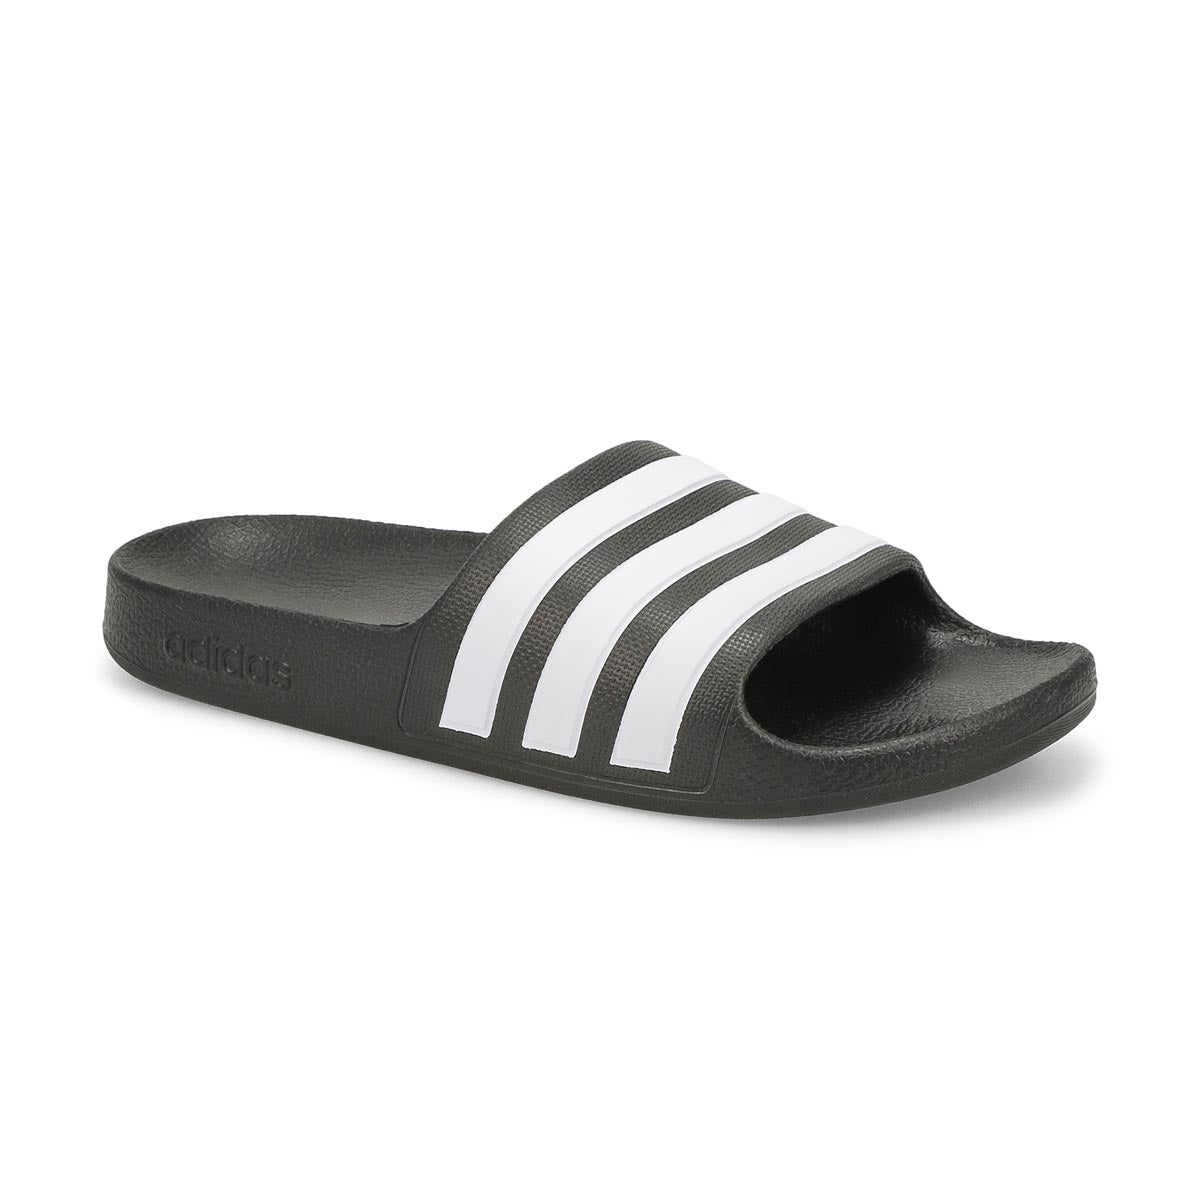 Kid's Adilette Aqua Slide - Black/White